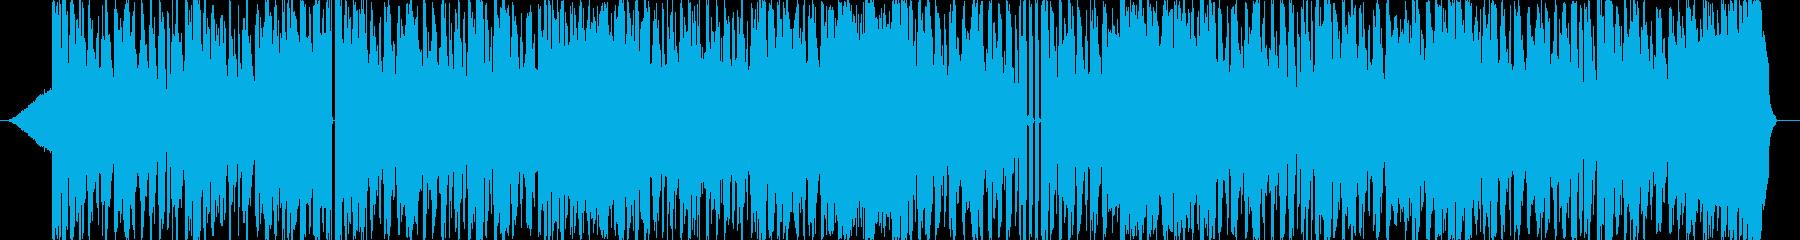 勢いのあるトラックの再生済みの波形